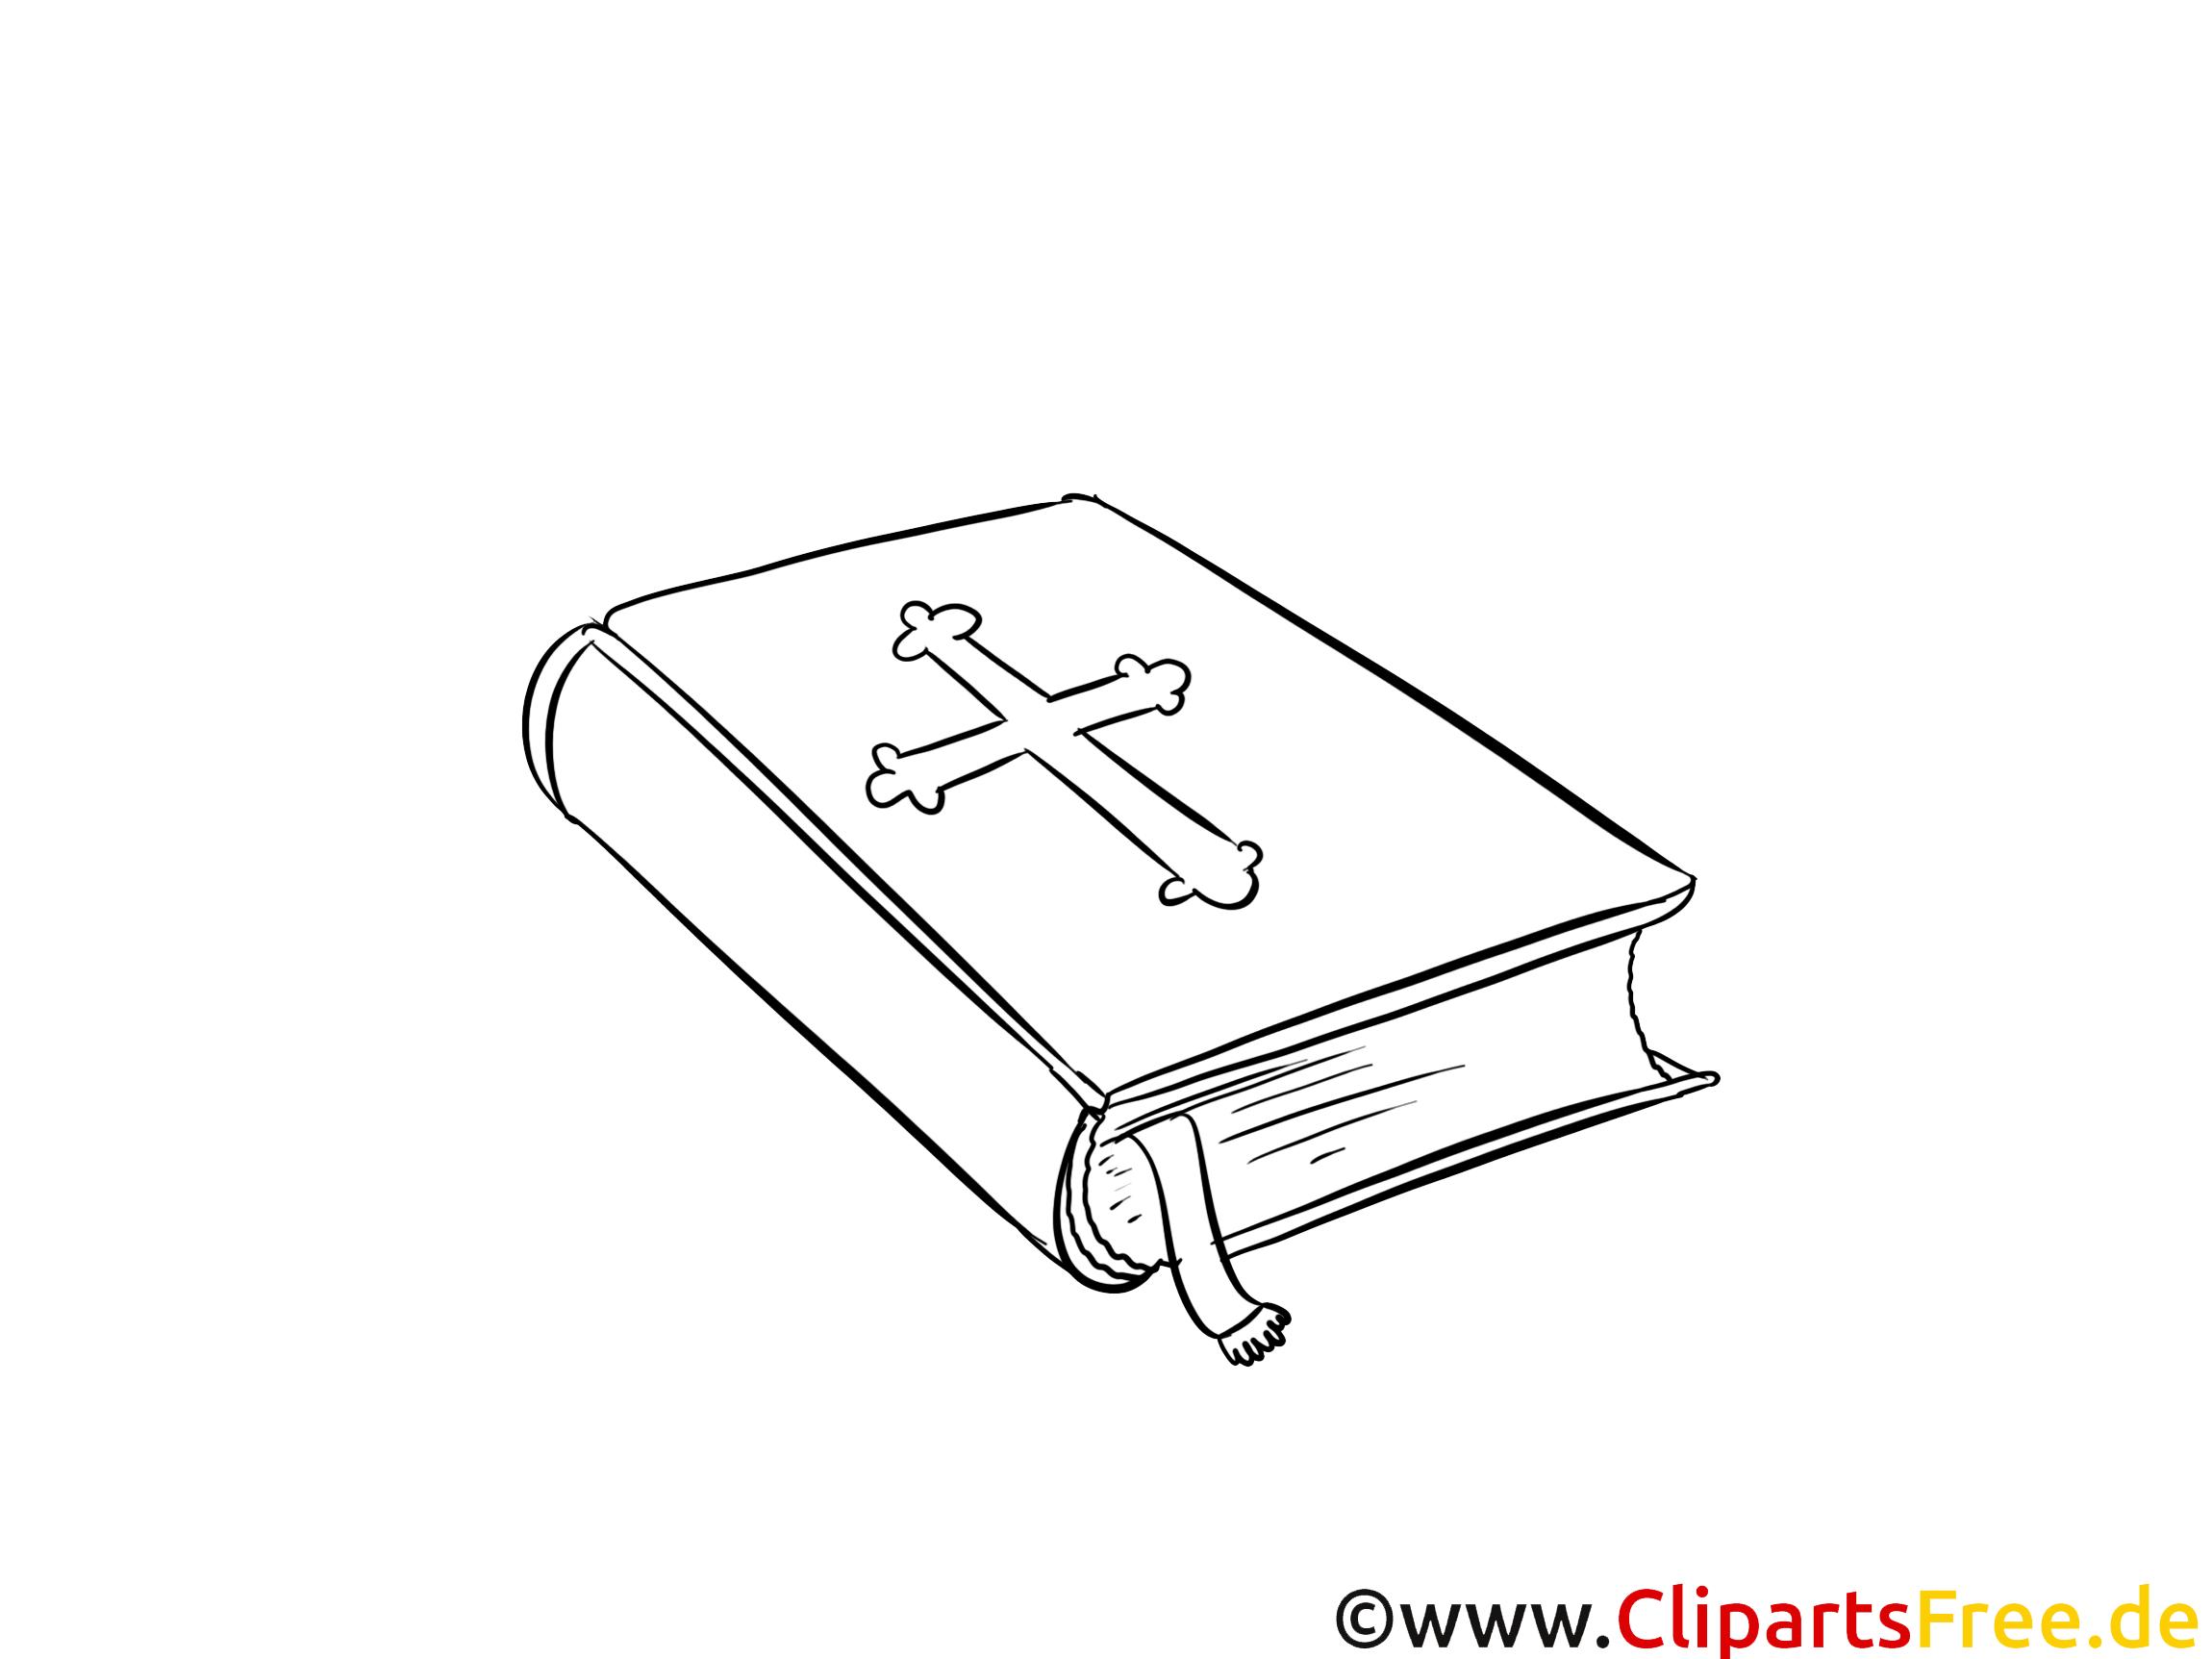 Taufbuch taufe gratis bilder zum ausmalen - Bilder zum verschicken gratis ...